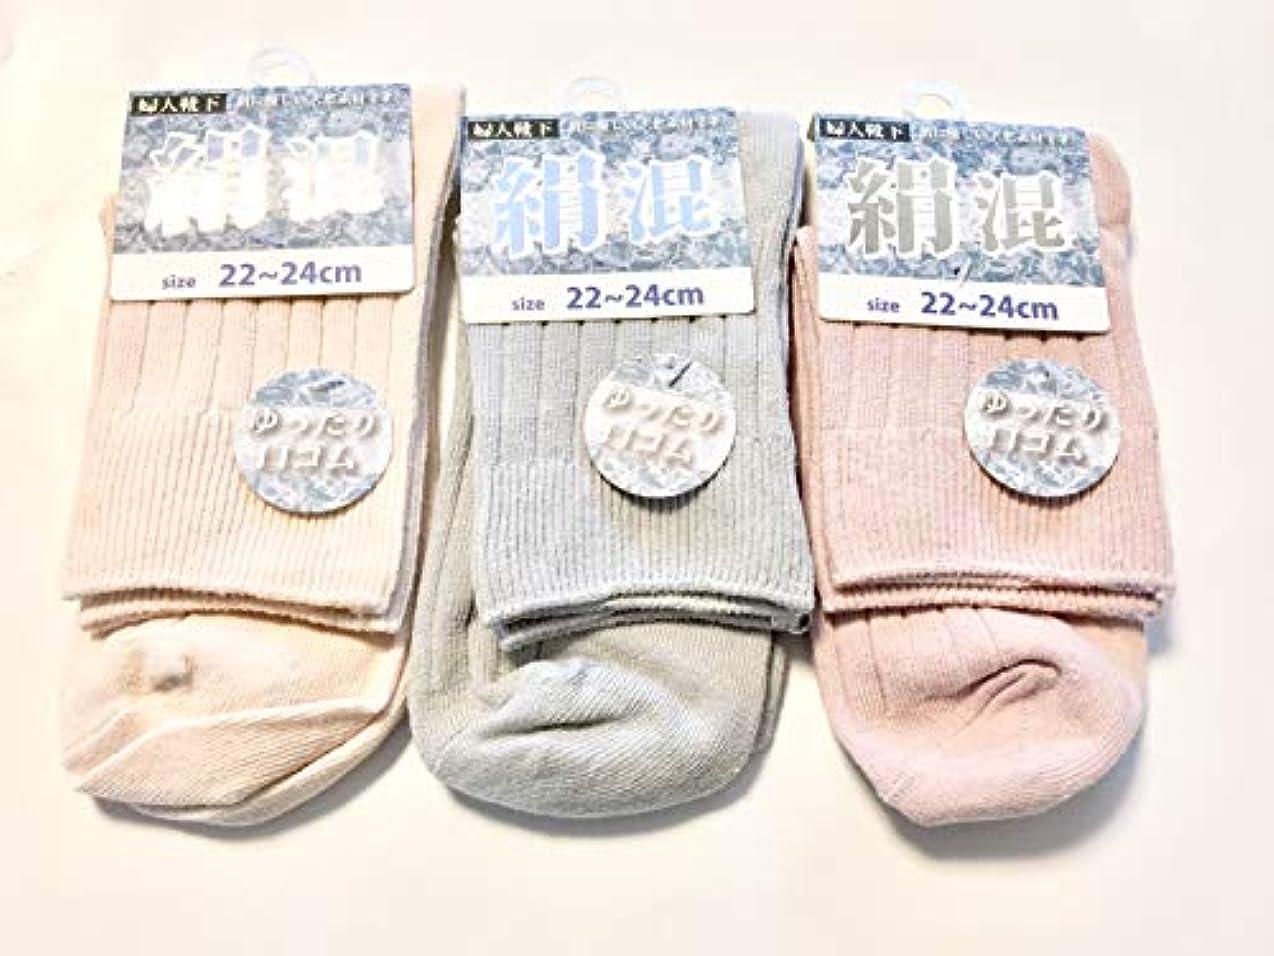 モック石ホテル靴下 レディース シルク混 リンクスソックス 口ゴムゆったり 22-24cm 3足組(色はお任せ)